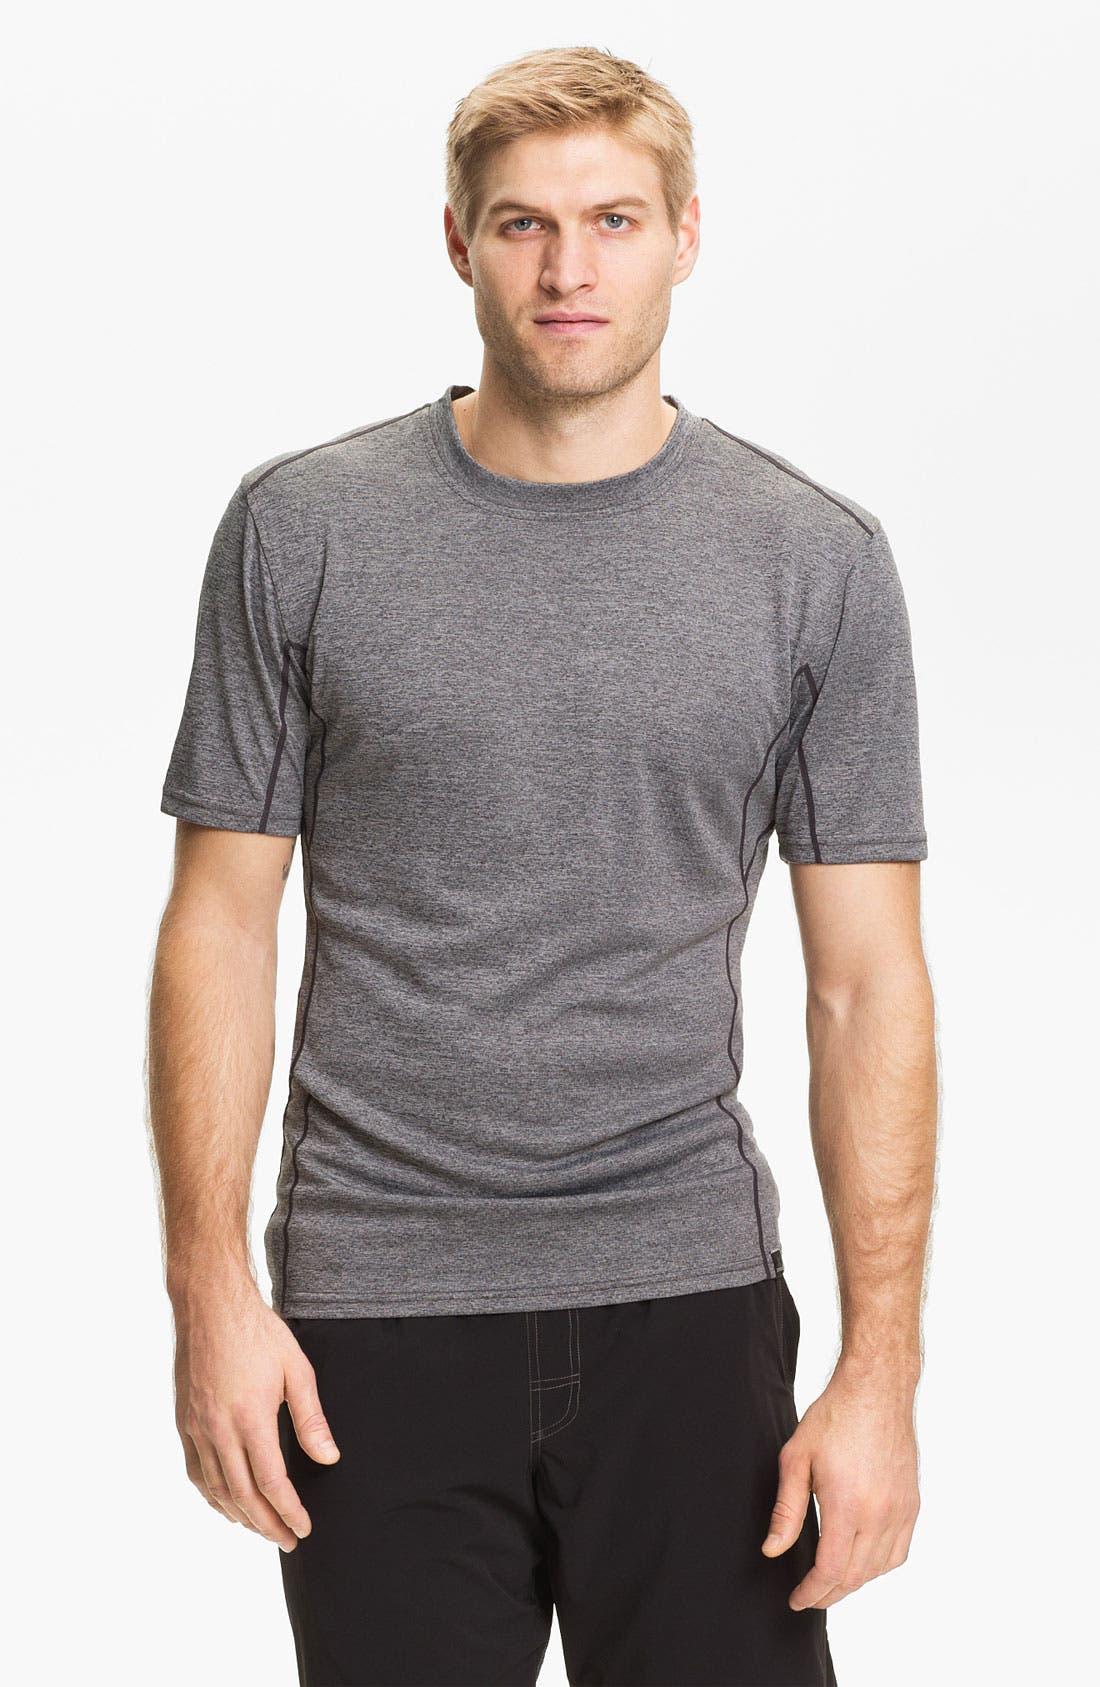 Main Image - prAna T-Shirt & Shorts